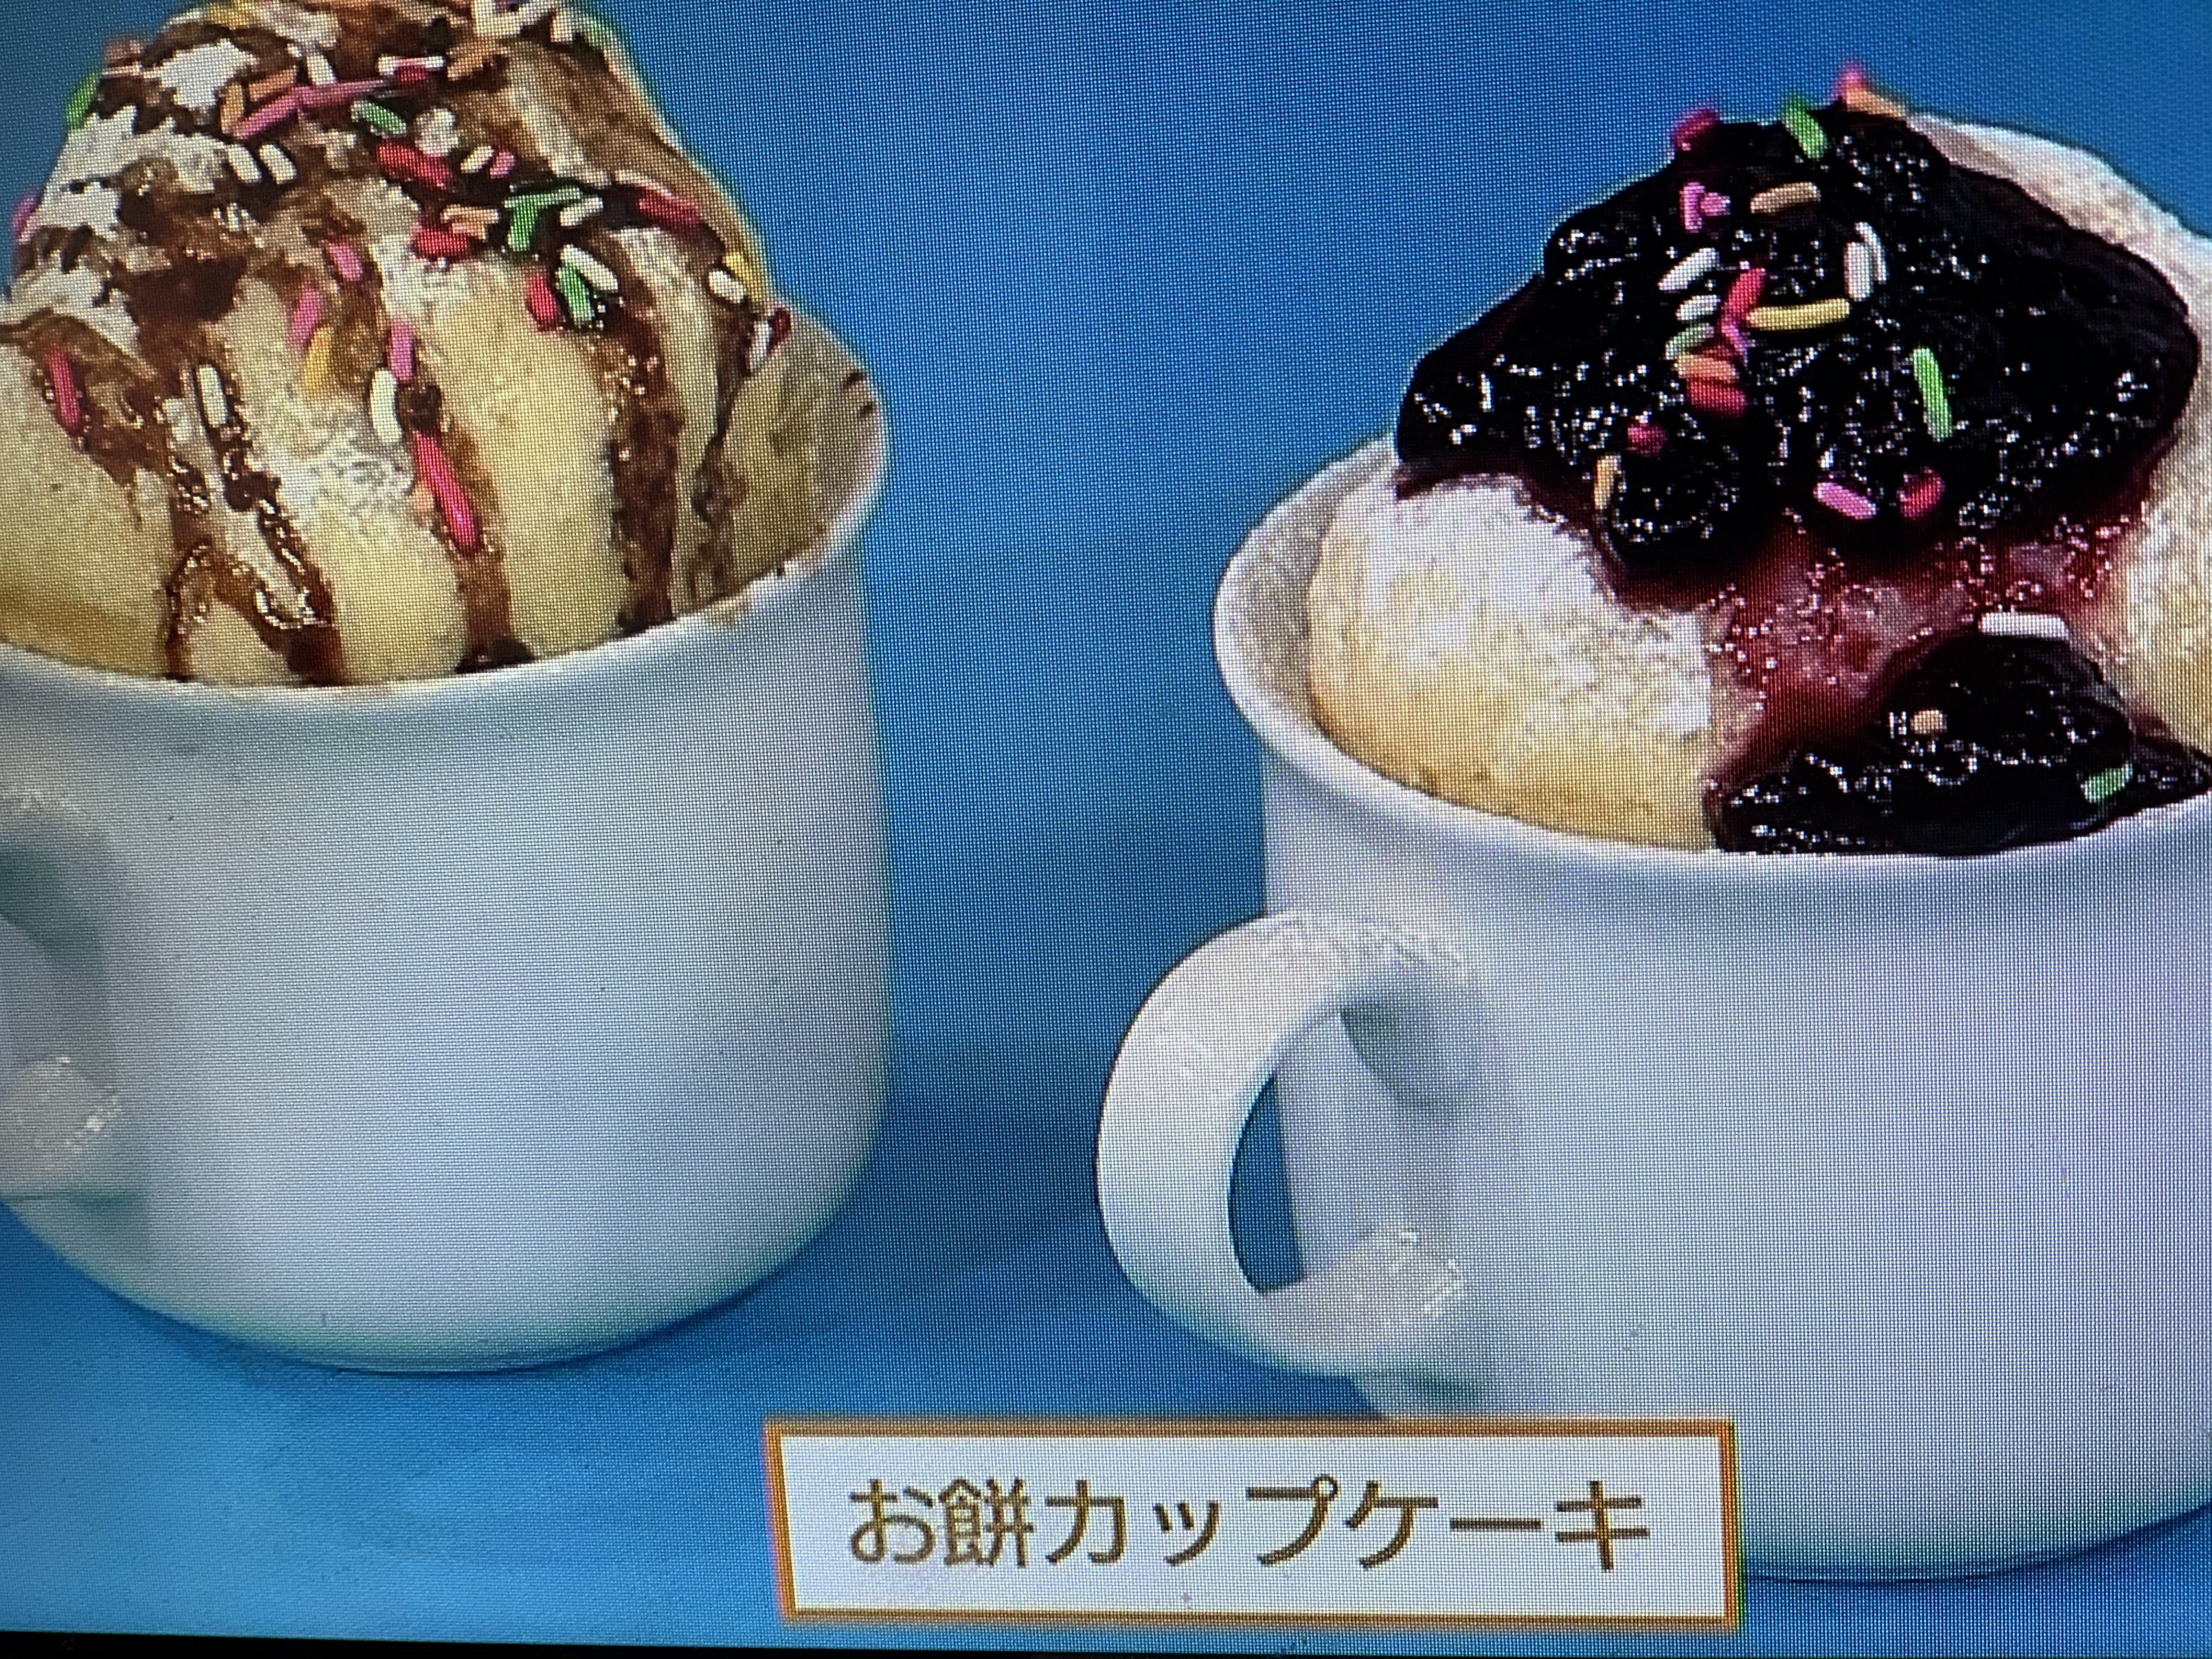 餅入りカップケーキ レシピ 画像